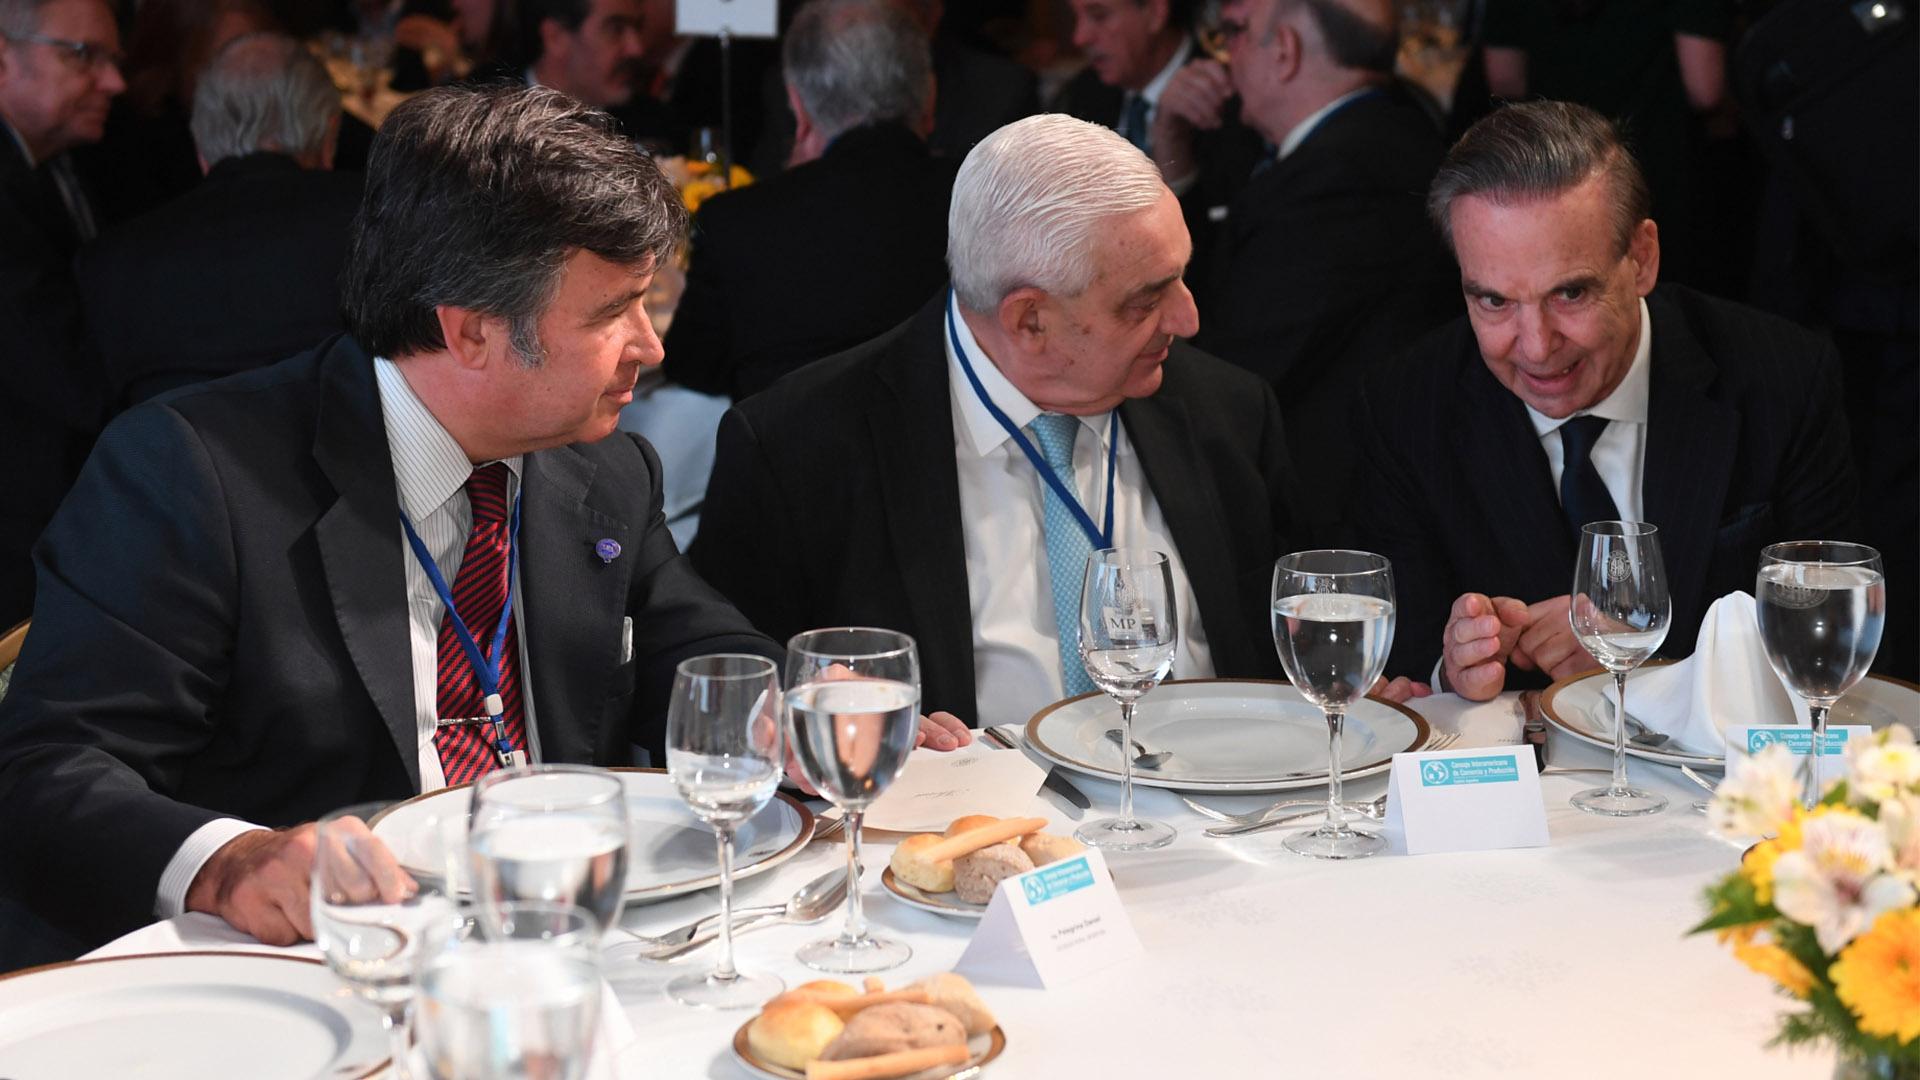 Daniel Pellegrina, titular de la Sociedad Rural Argentina, Adelmo Gabbi, de la Bolsa de Comercio, y el senador Migue Ángel Pichetto